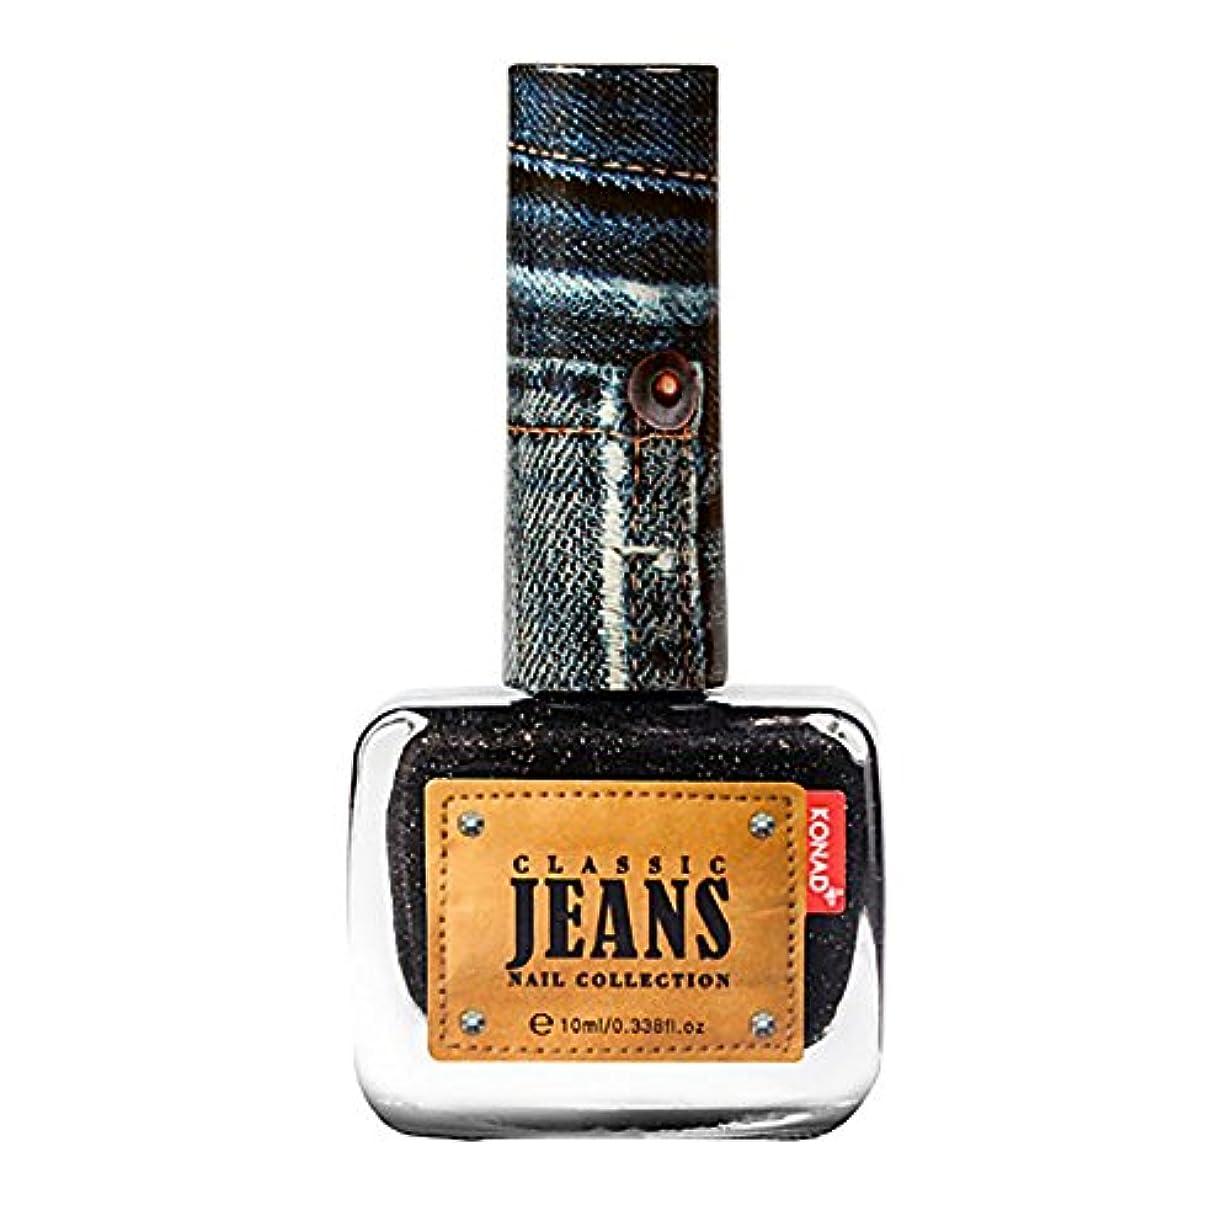 の慈悲で定期的な段階ジーンズネイルポリッシュ Real Jeans(リアルジーンズ)